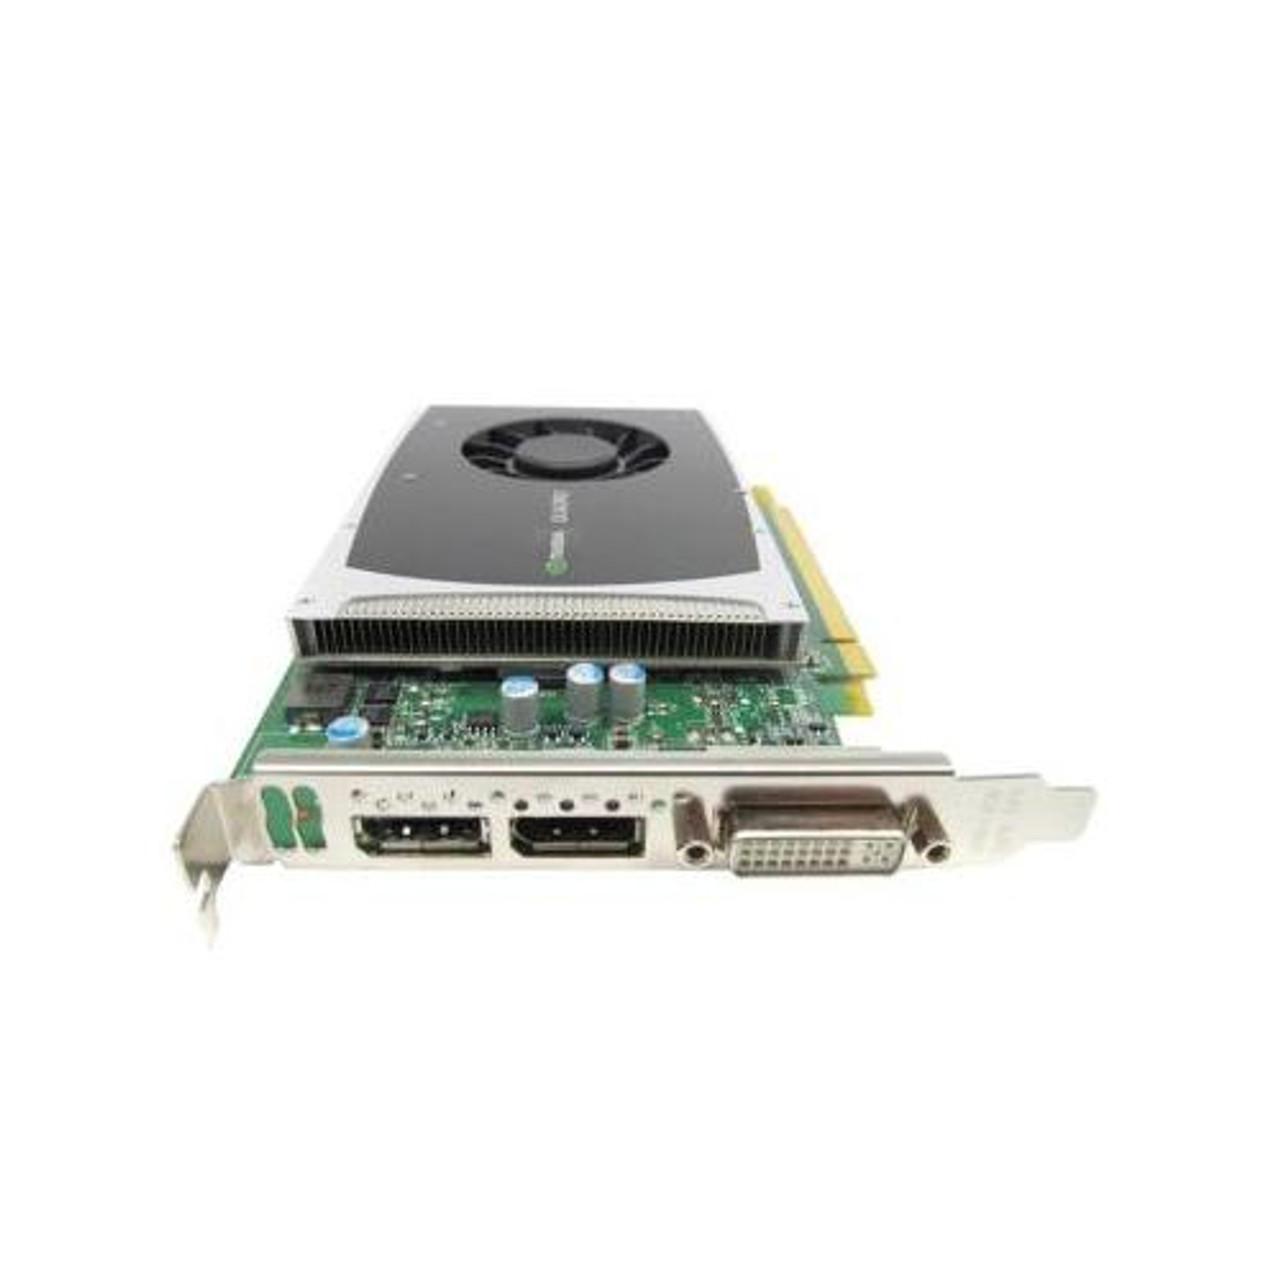 612952-002 HP Nvidia Quadro 2000 PCI-Express x16 1GB GDDR5 GPU Memory  128-bit DVI / DisplayPort Video Graphics Card